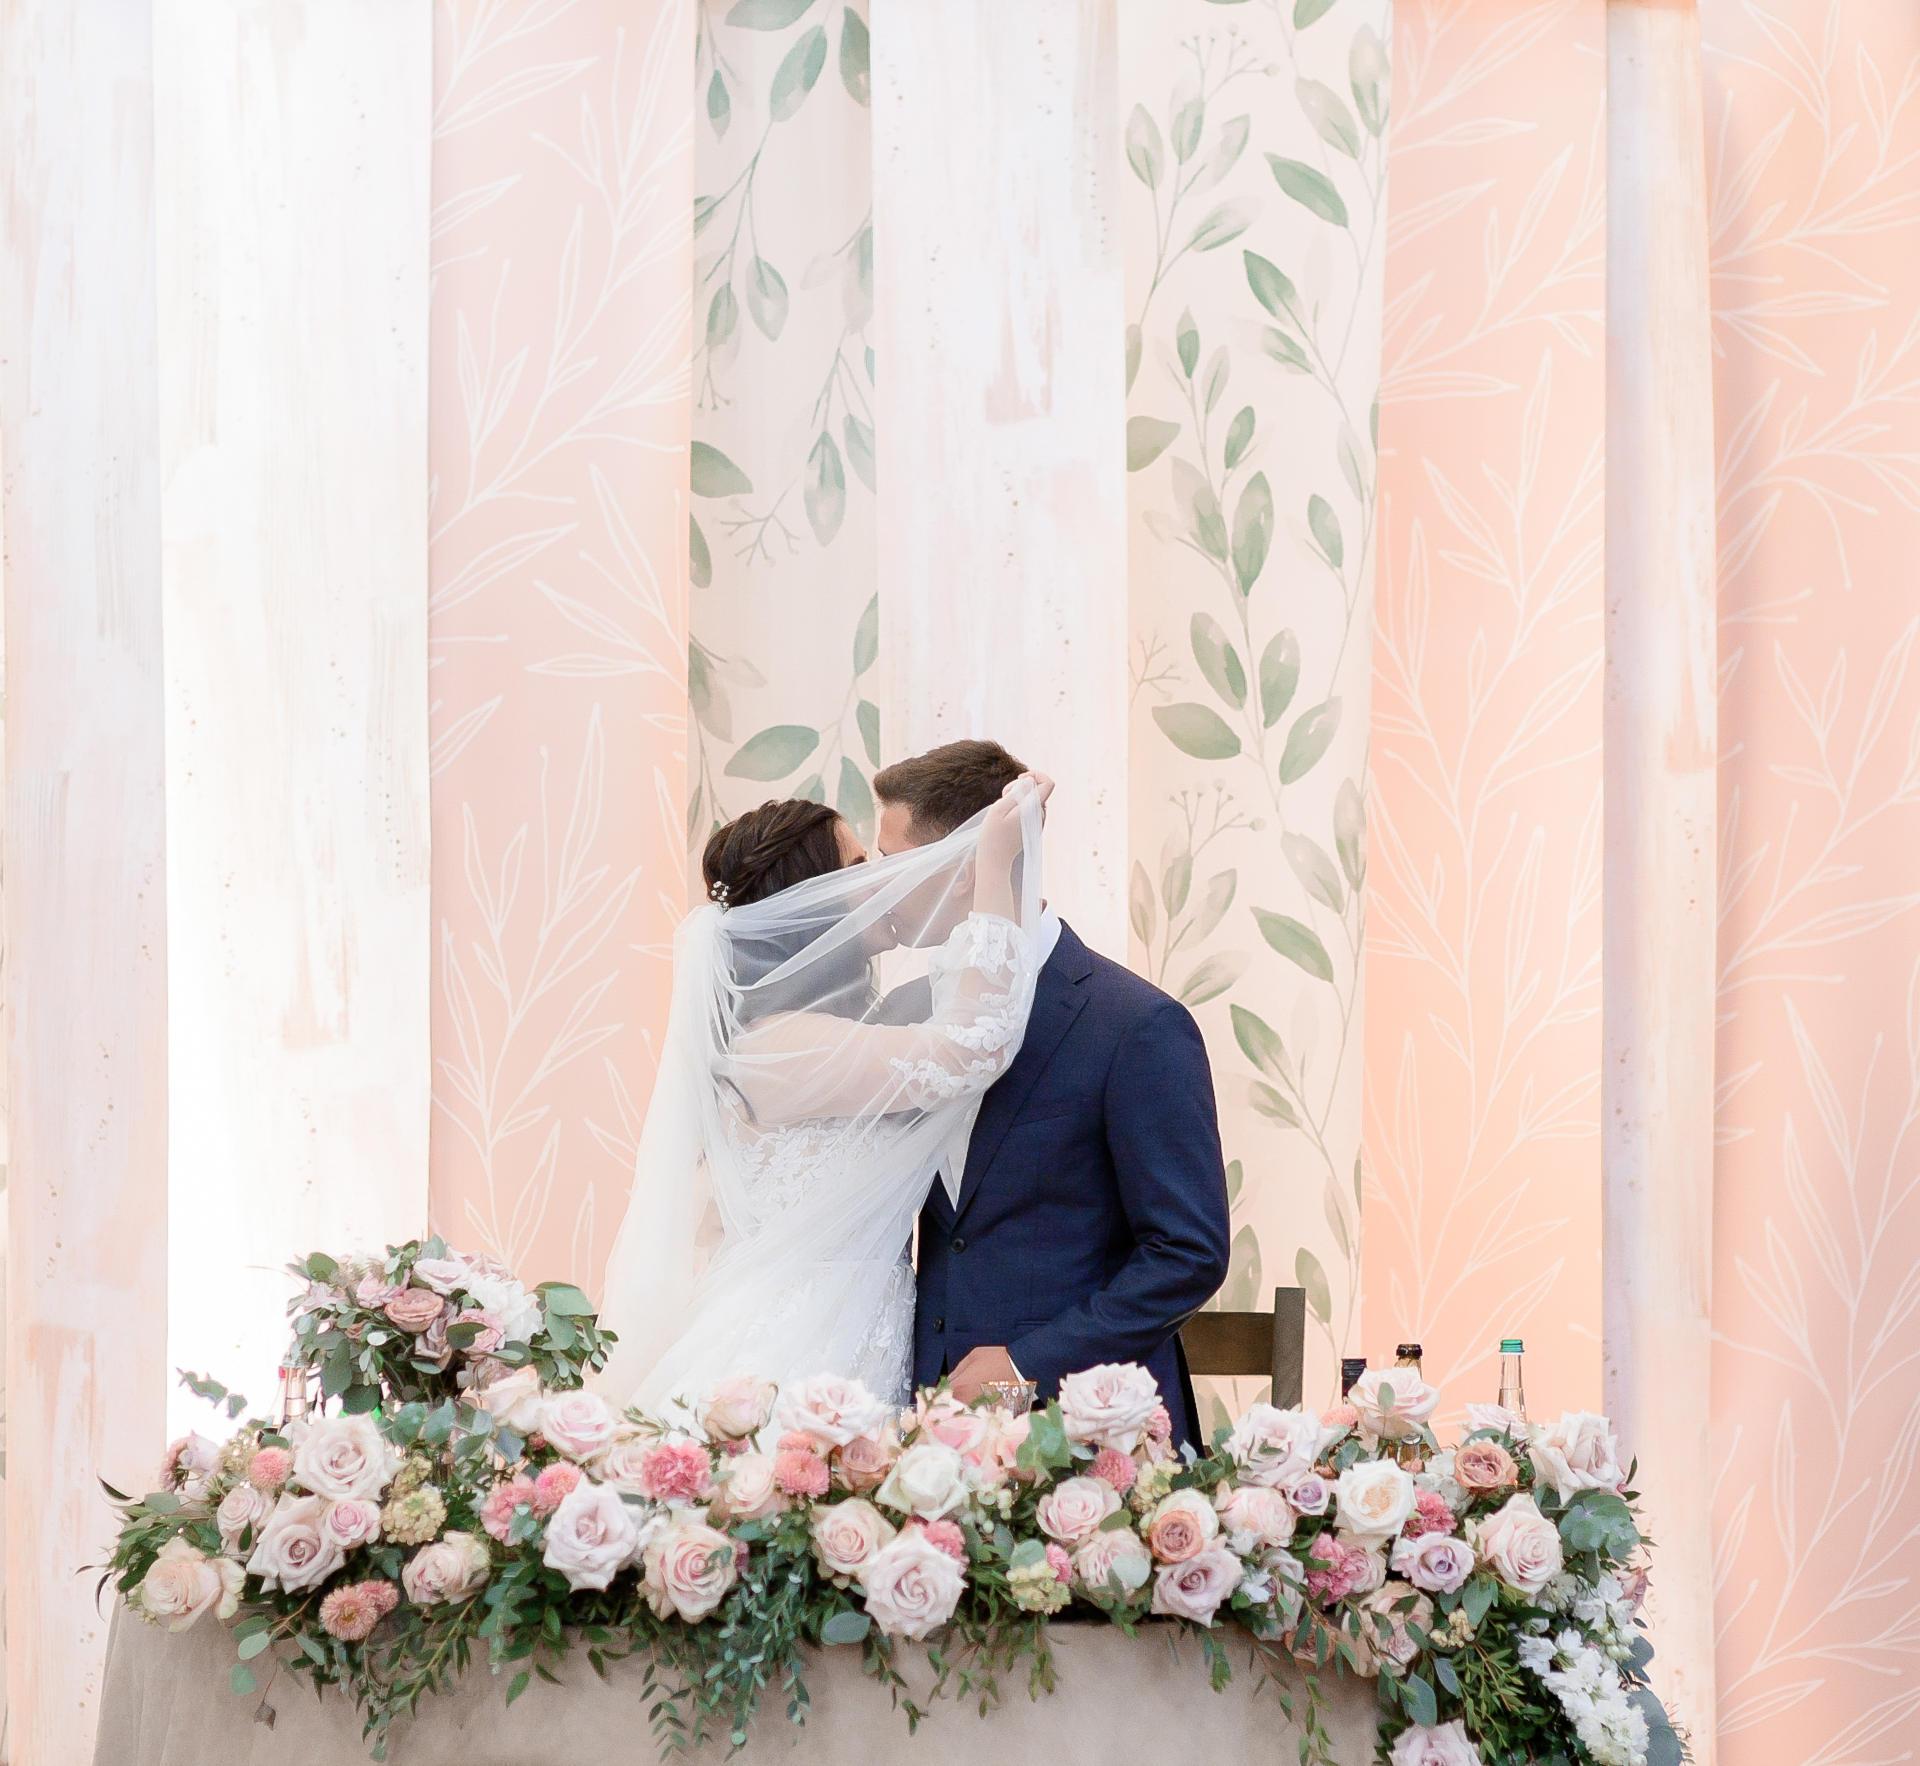 Colores en tendencia para bodas de 2021 - Rosa palo